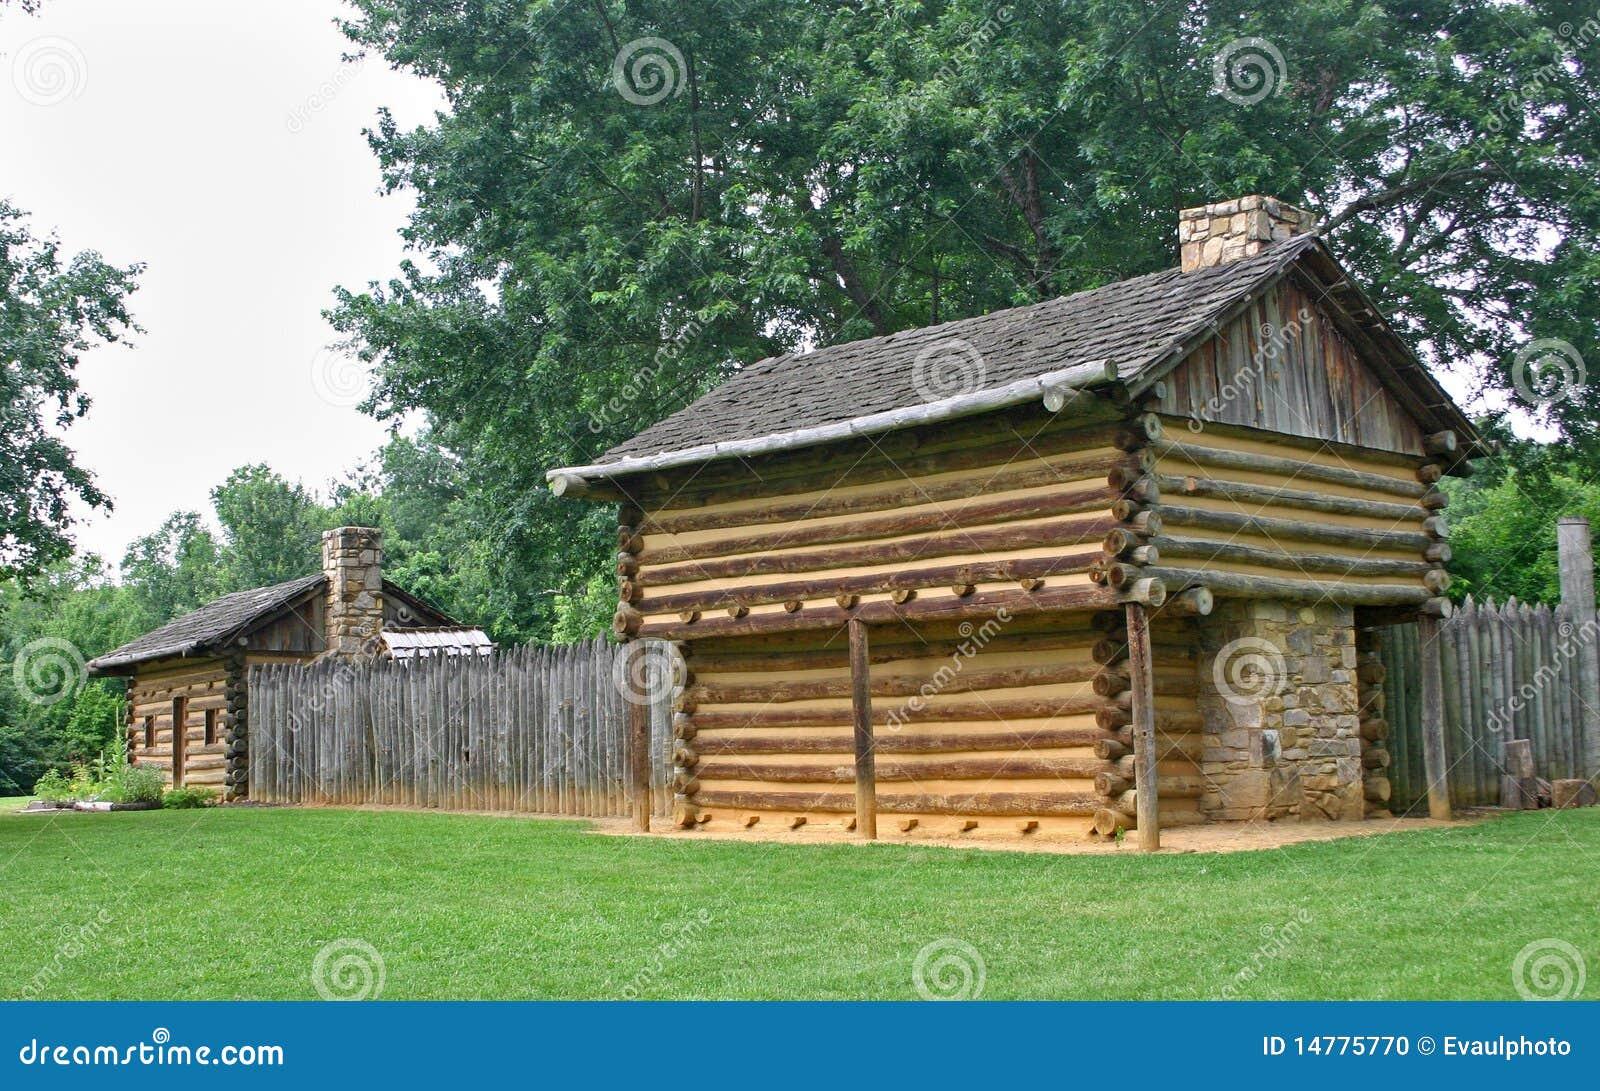 Cabins at Sycamore Shoals